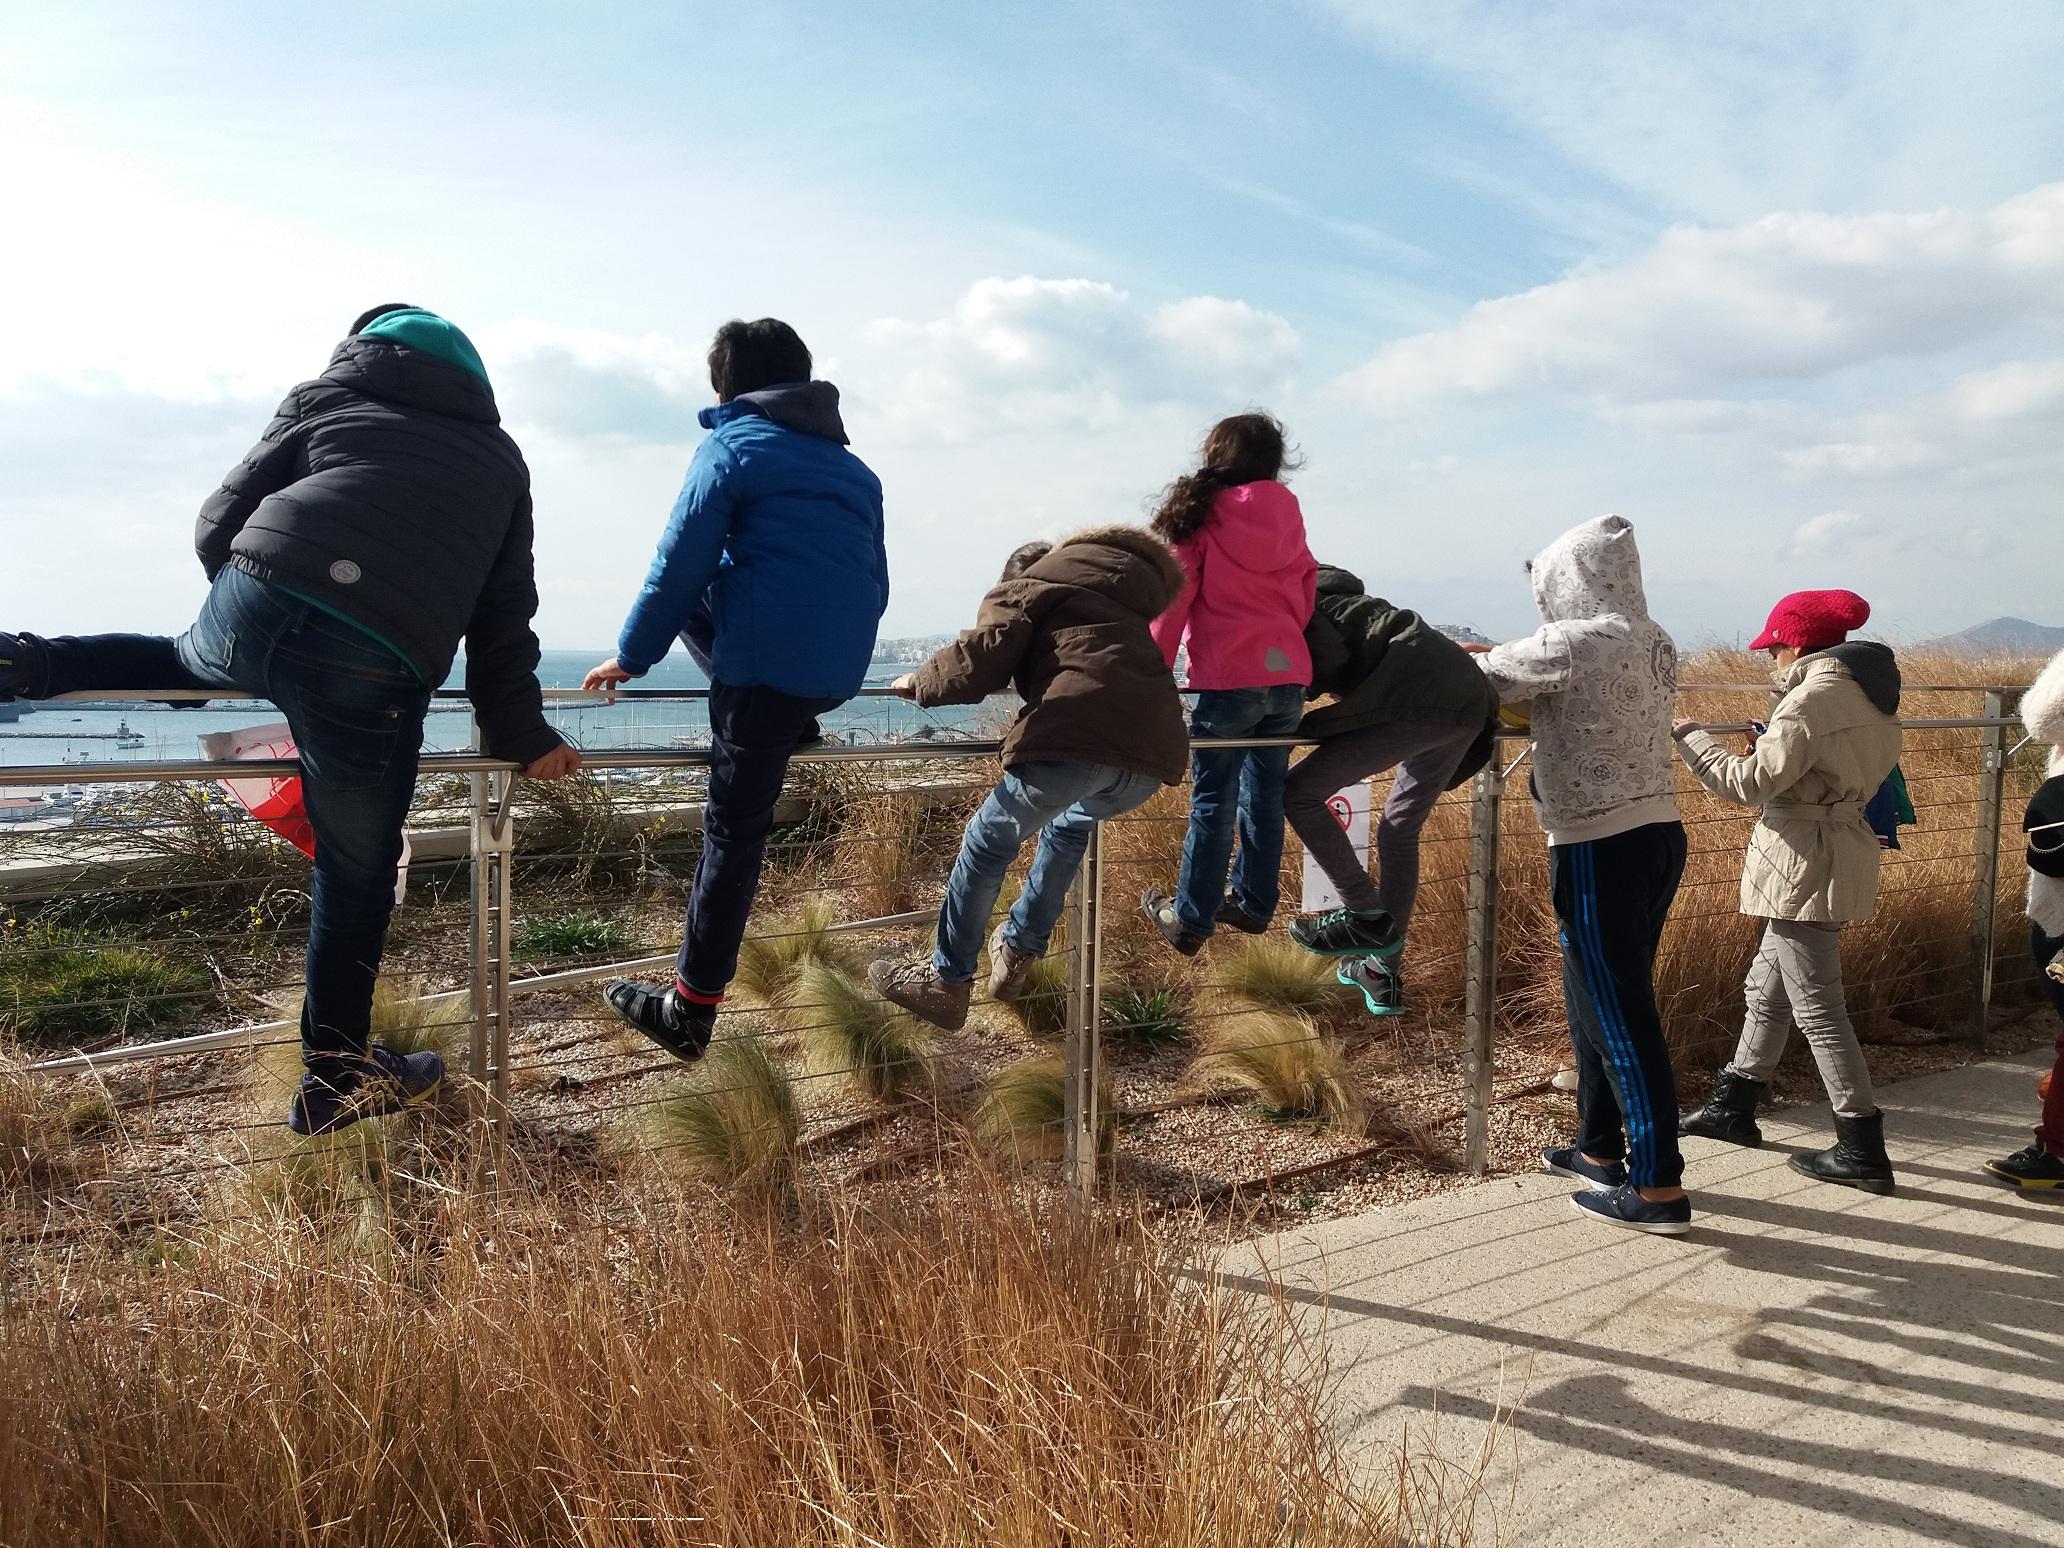 Μια βόλτα με πρόσφυγες στο πάρκο Σταύρος Νιάρχος